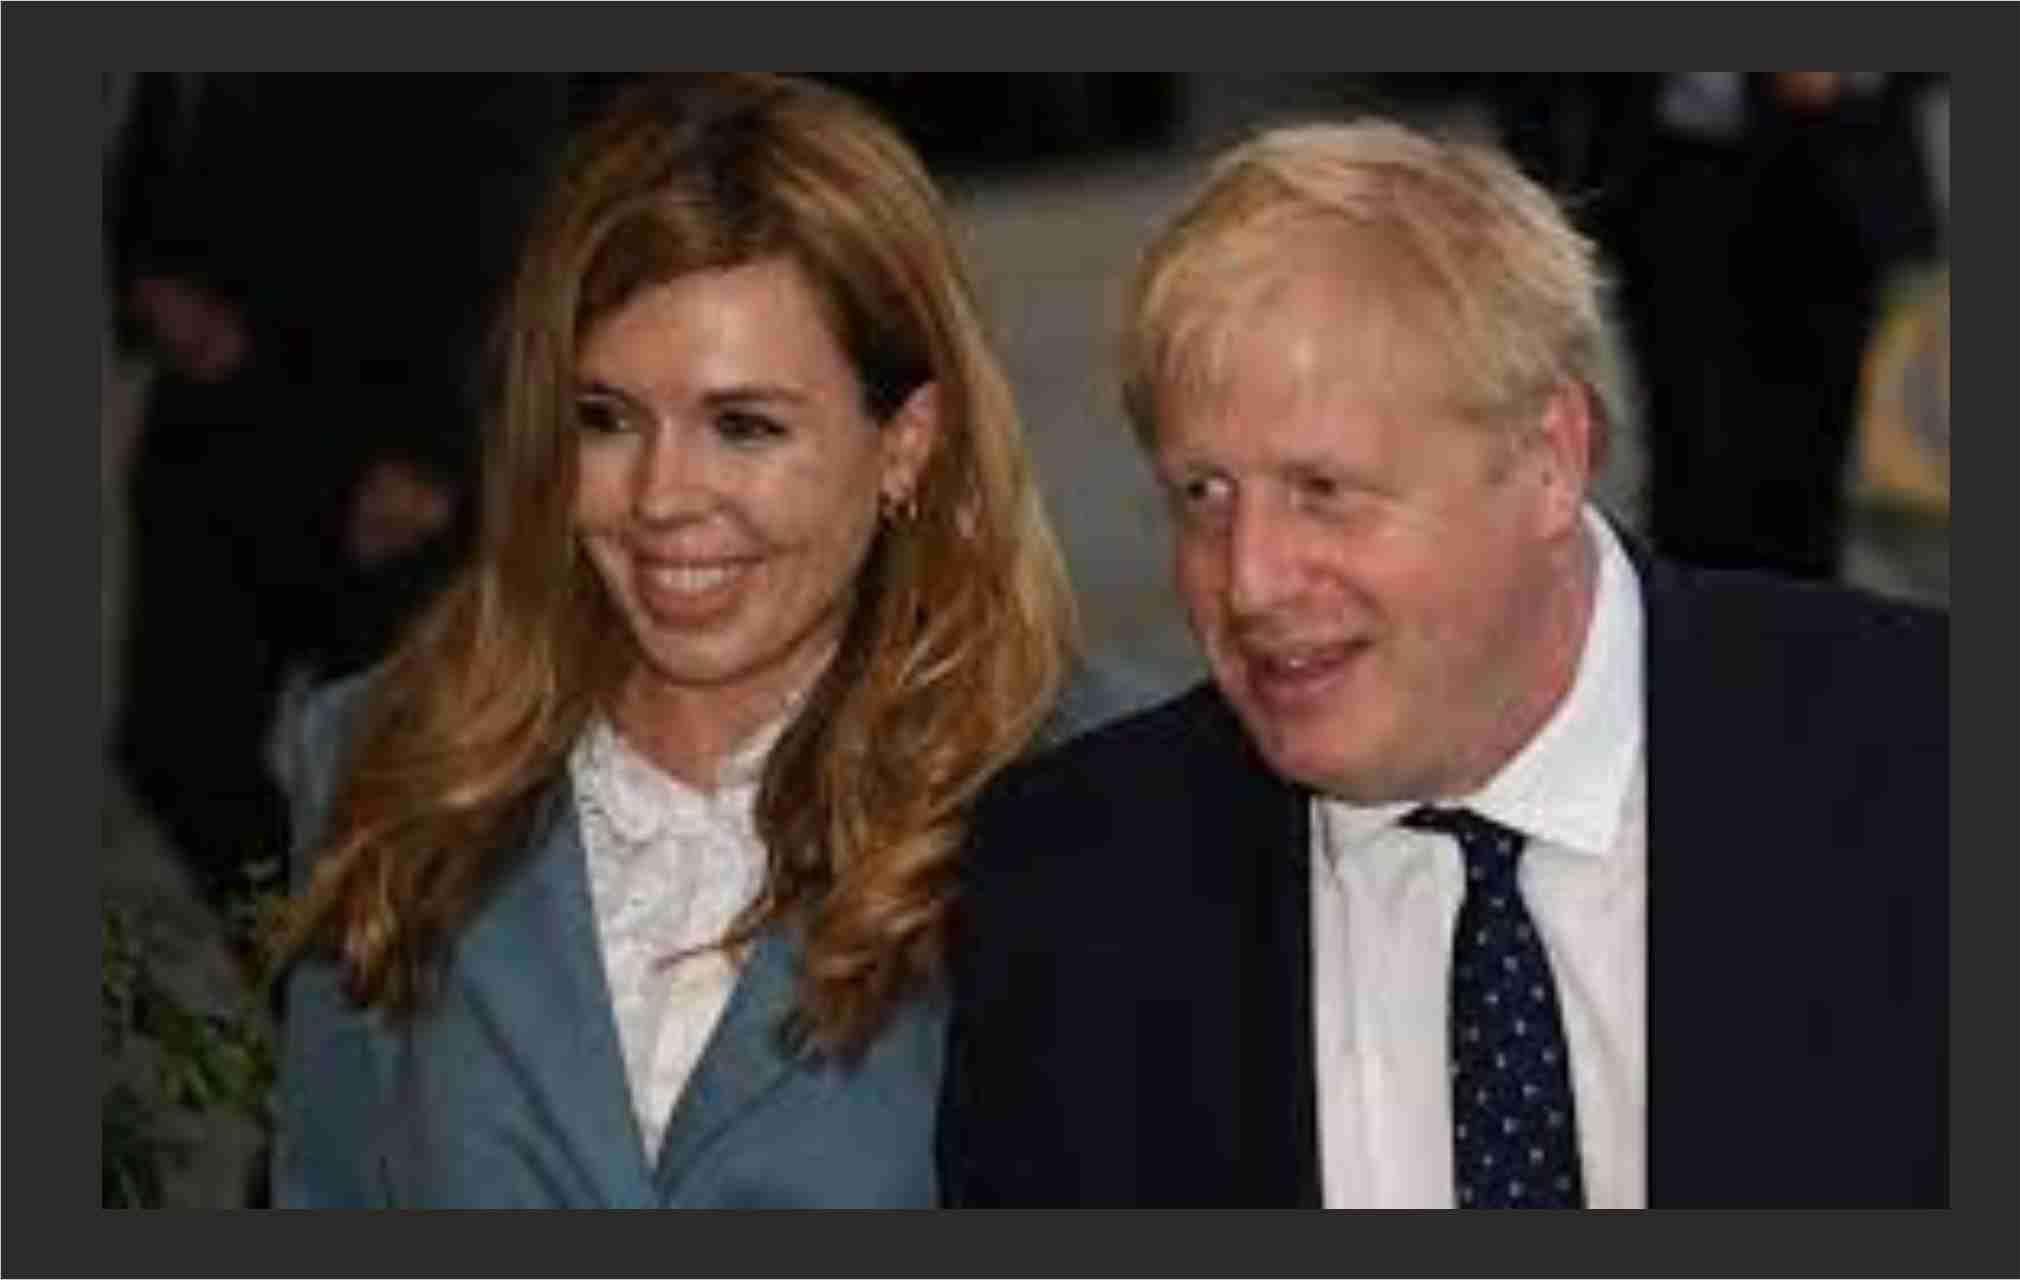 World News in Hindi : Boris Johnson ने 23 साल छोटी मंगेतर से गुप्त समारोह में कर ली शादी